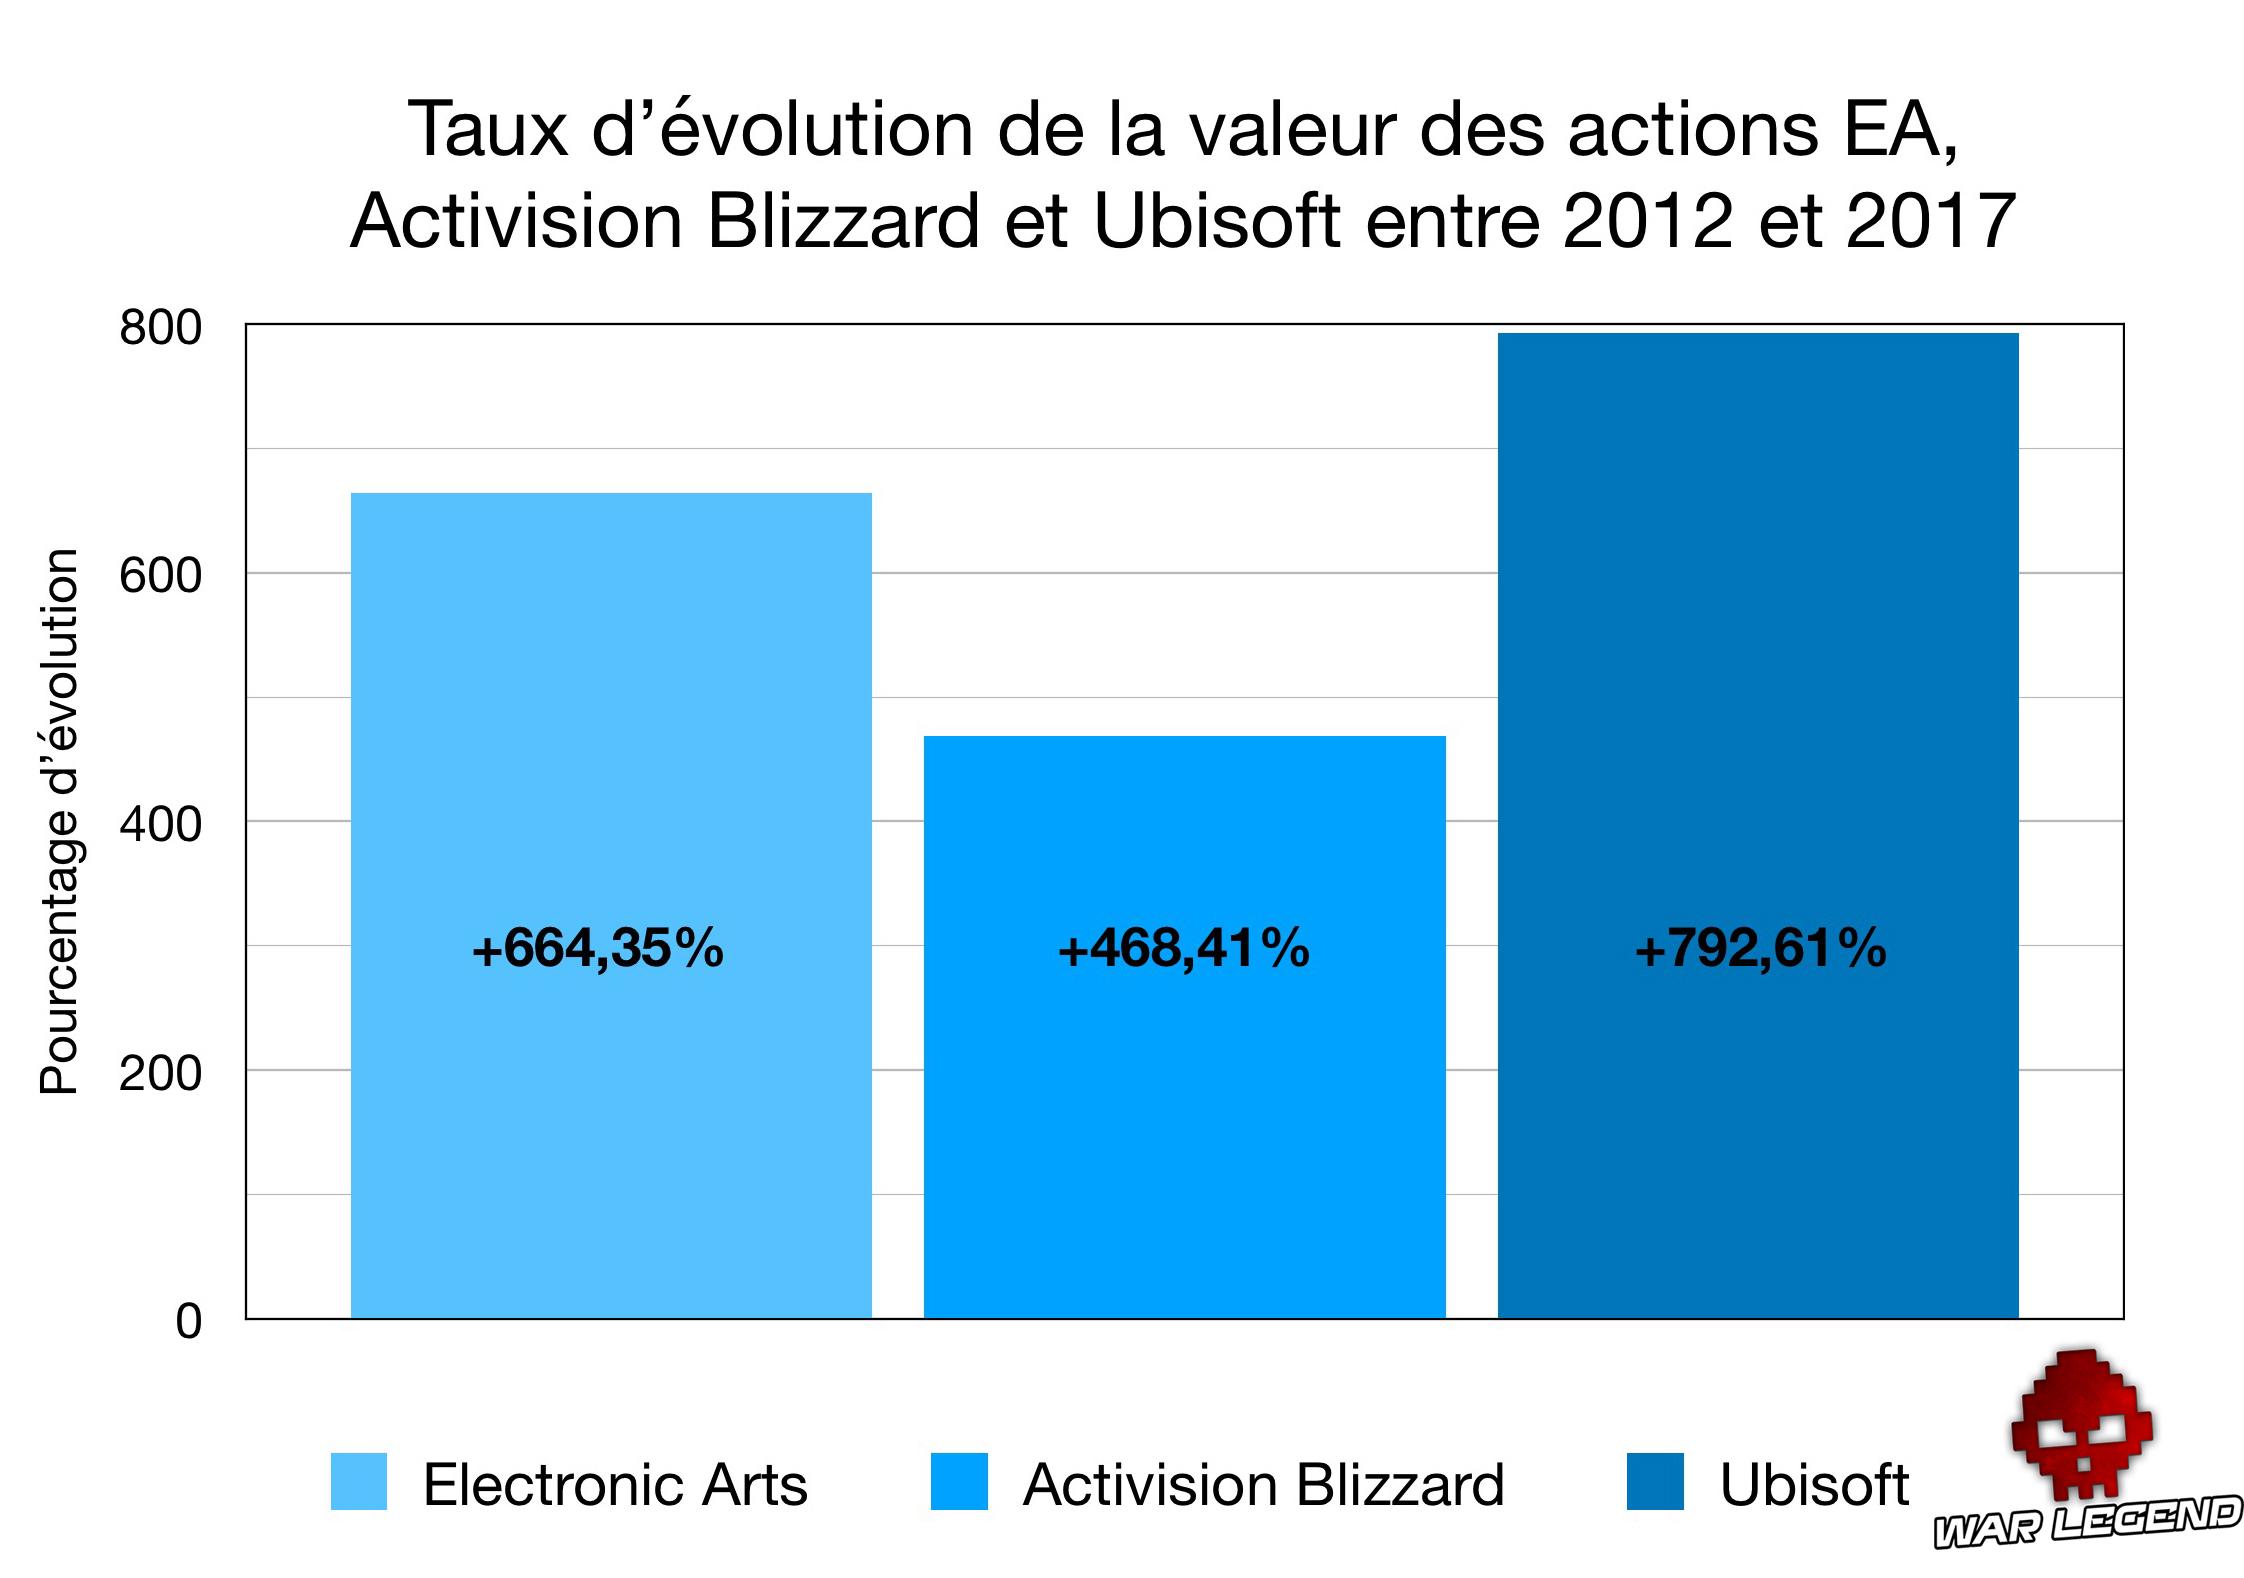 pourcentages d'évolution de la valeurs des actions Ubisoft, EA et Activision Blizzard, sous forme de graphique